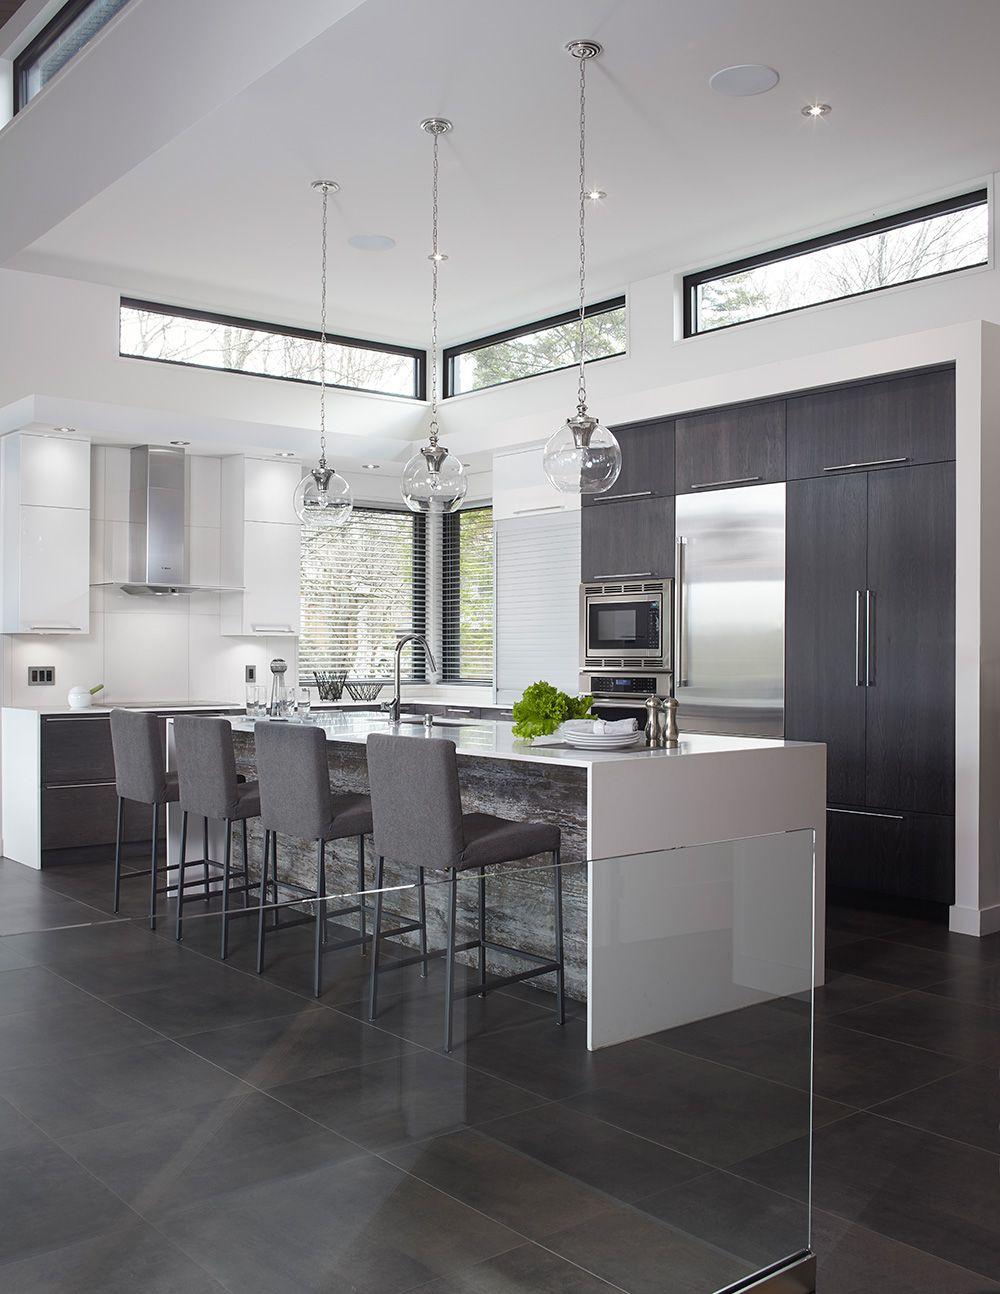 Armoires De Cuisine En Chene Thermoplastique Et Bois Reclycle Kitchen Remodel Design Modern Kitchen Design Home Decor Kitchen